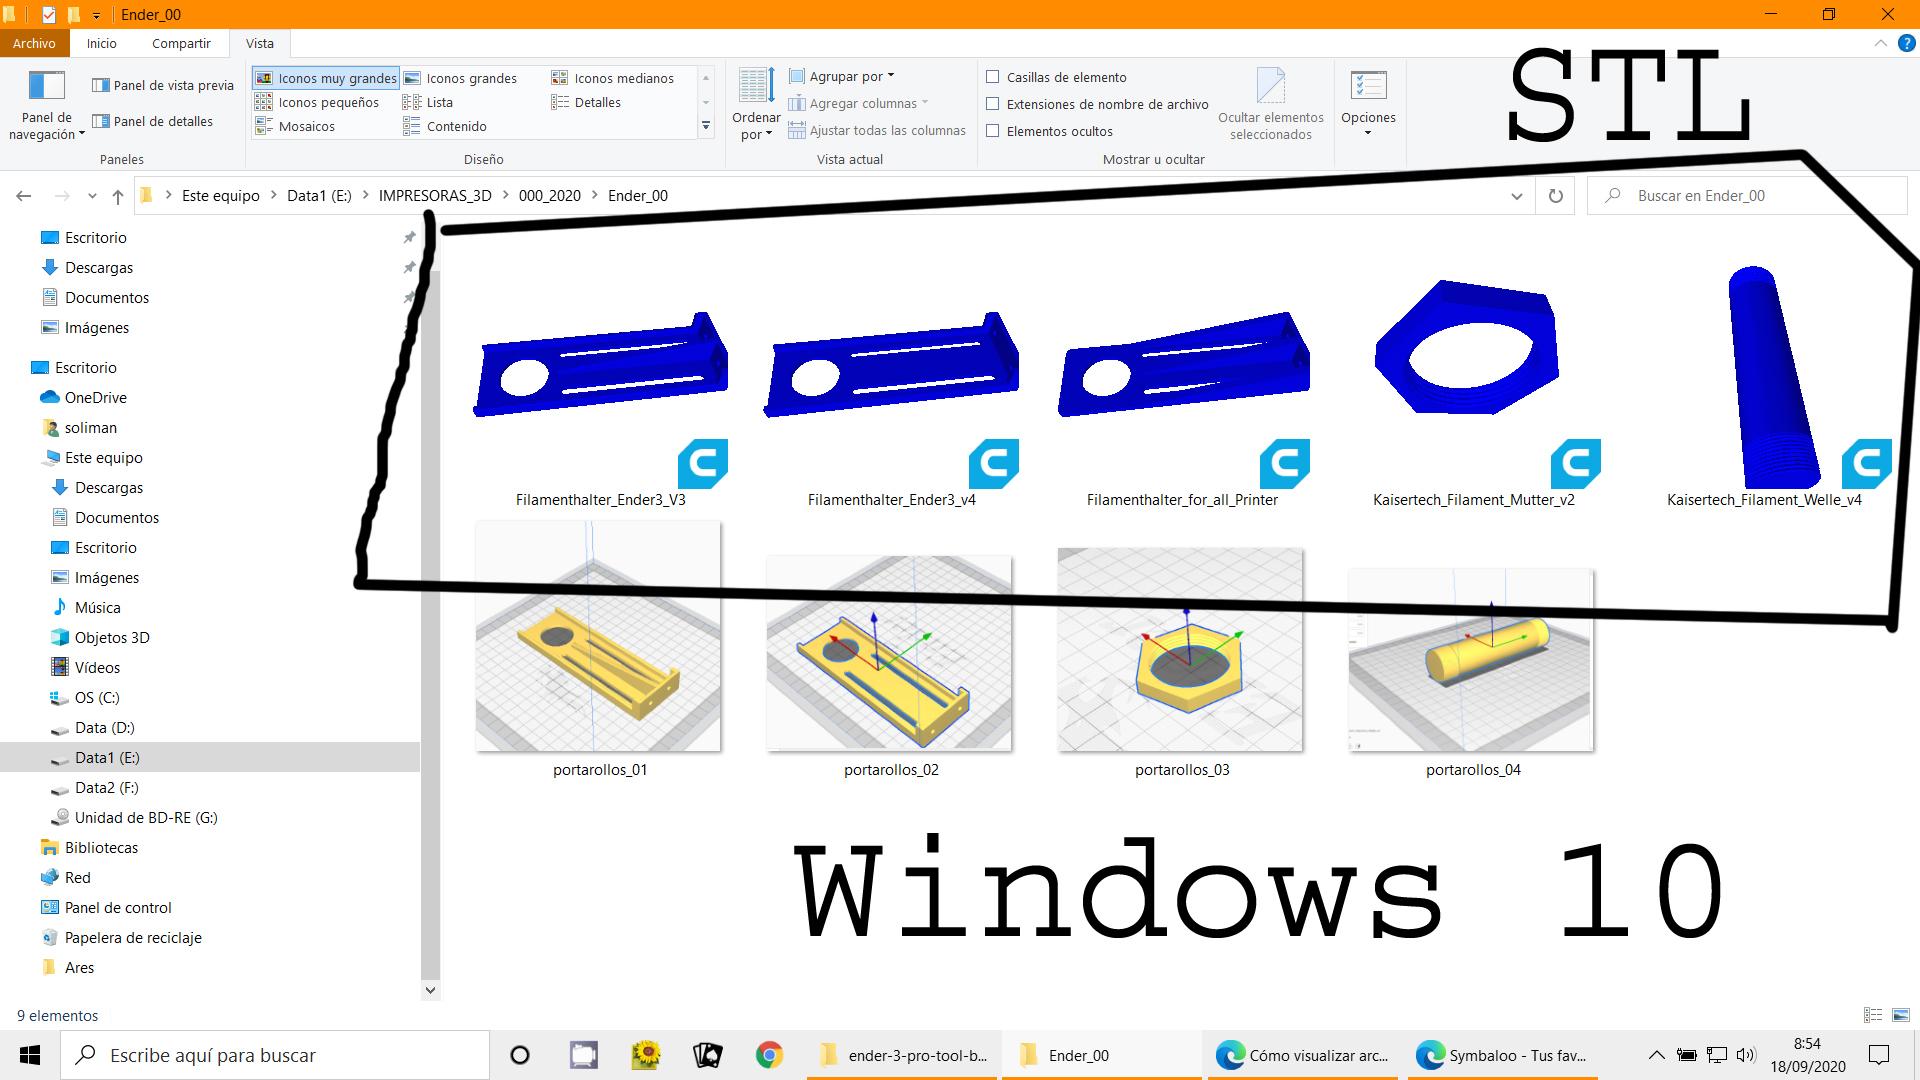 Visor para archivos STL - Windows 10-stl.jpg